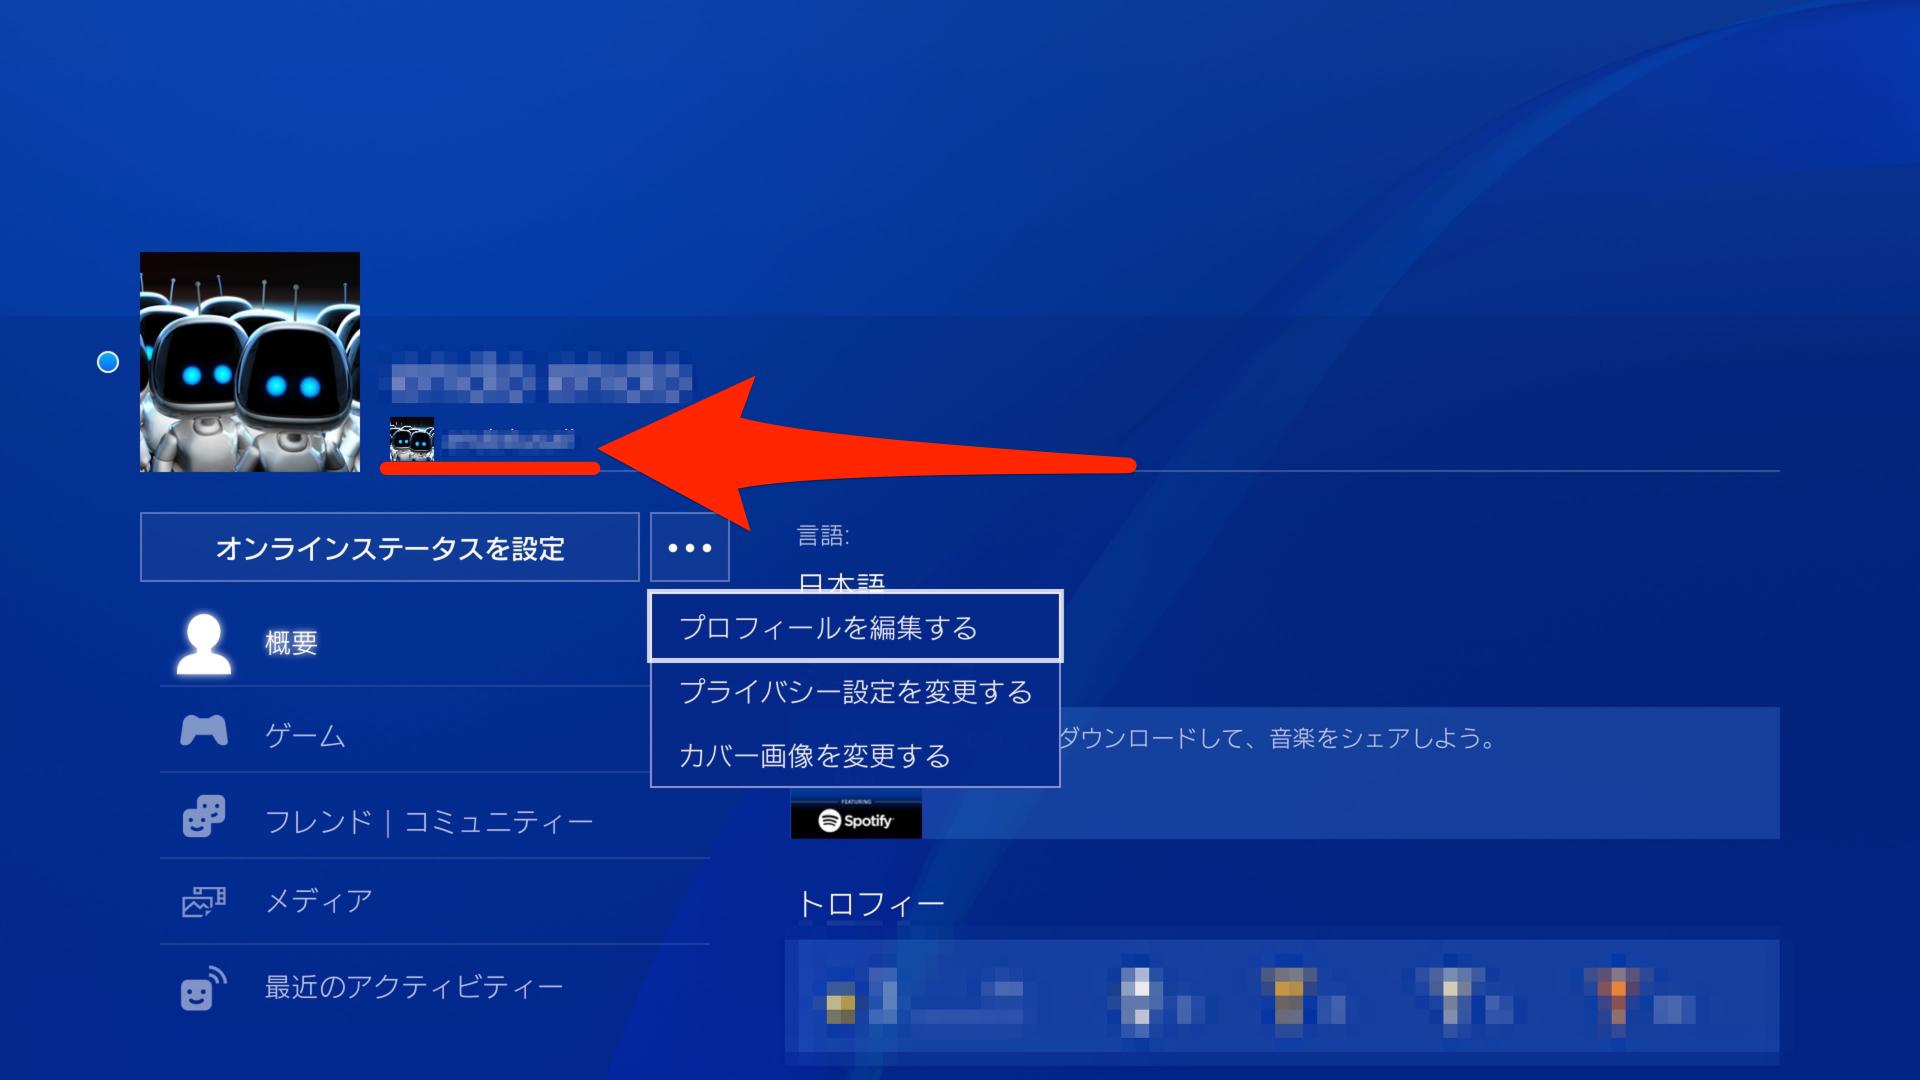 フォート ナイト 名前 の 変え 方 スマホ 【フォートナイト】名前変更のやり方 PS4・PC・スイッチ・スマホ【FORTNITE】